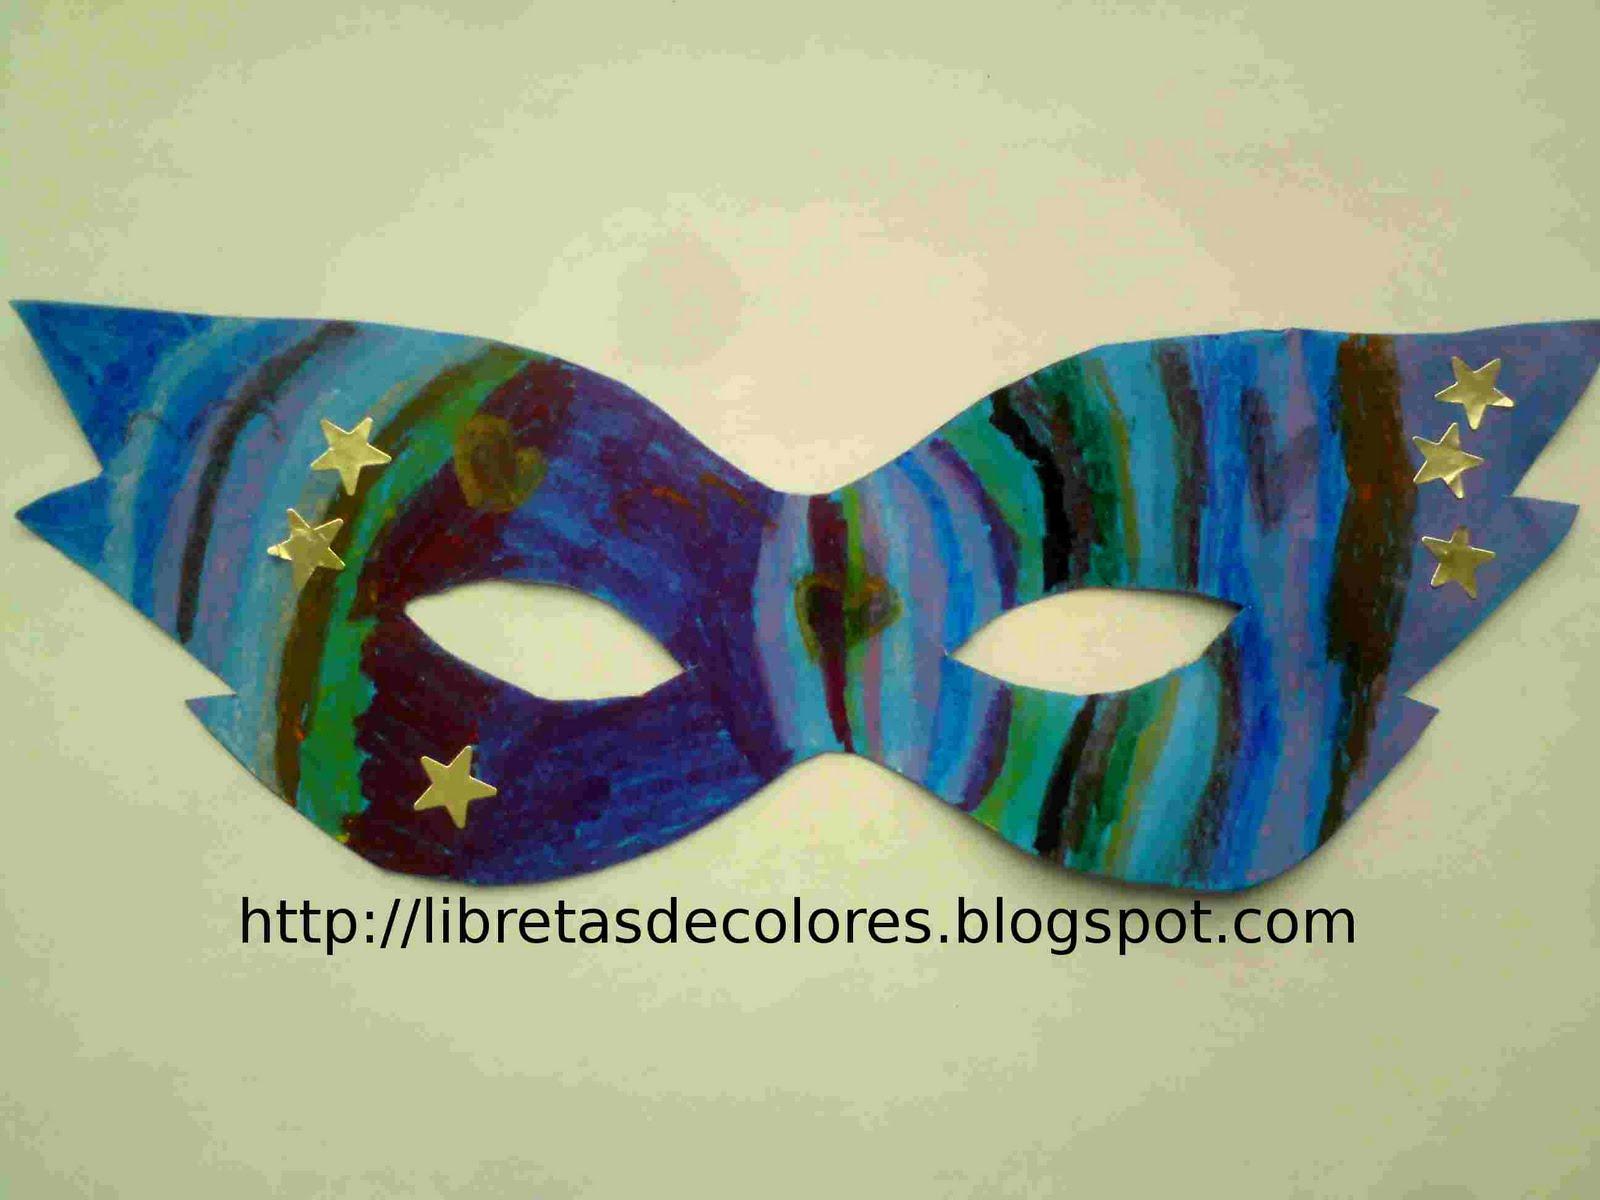 Libretas de colores UN ANTIFAZ PARA CARNAVAL